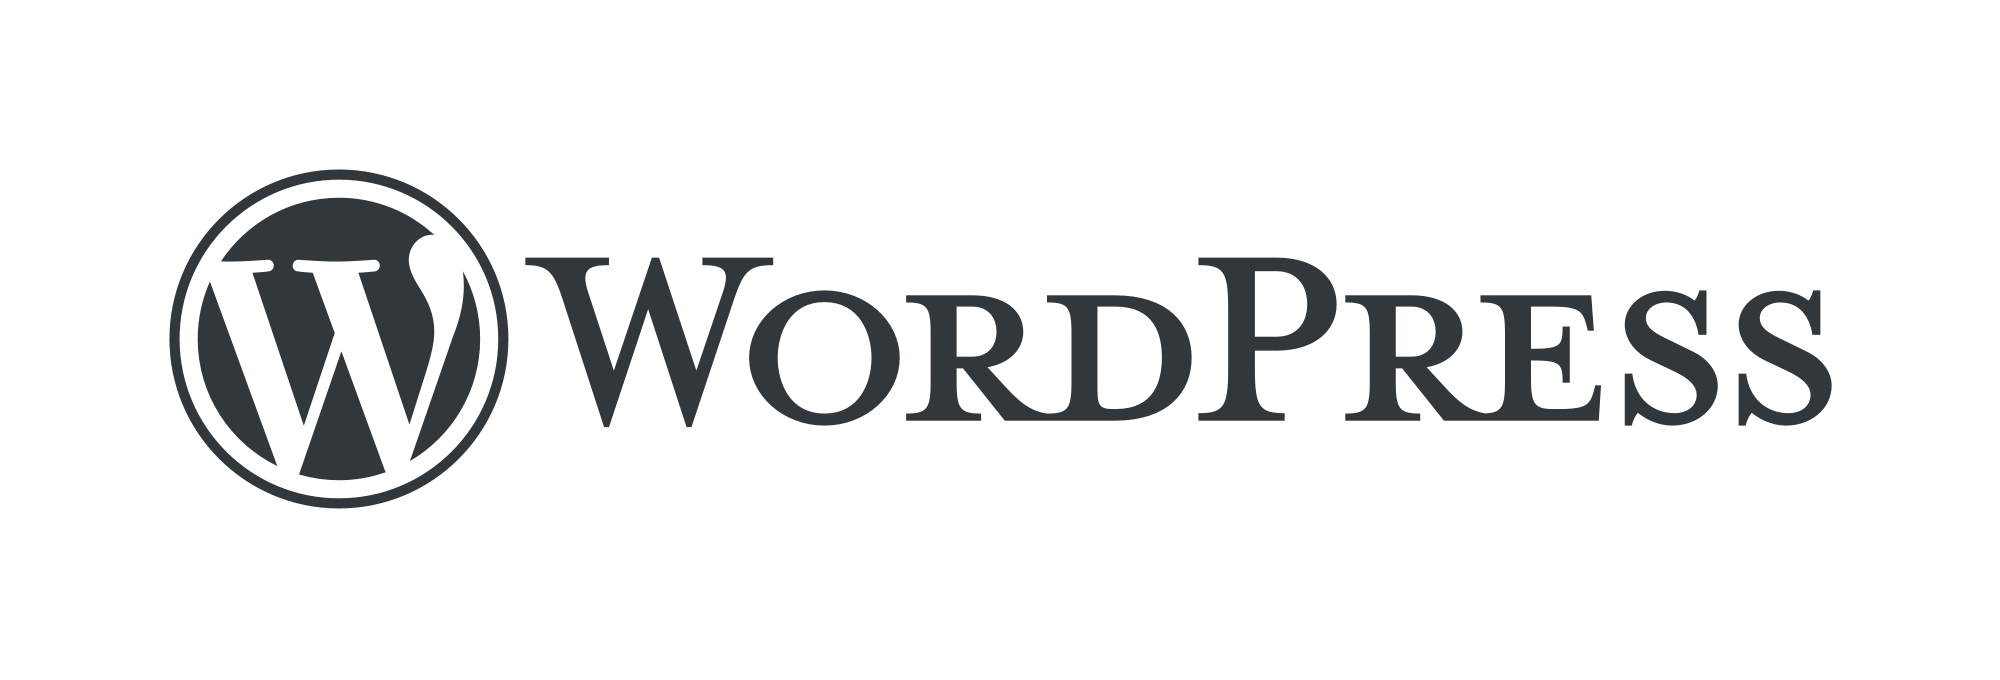 カテゴリー:WordPress